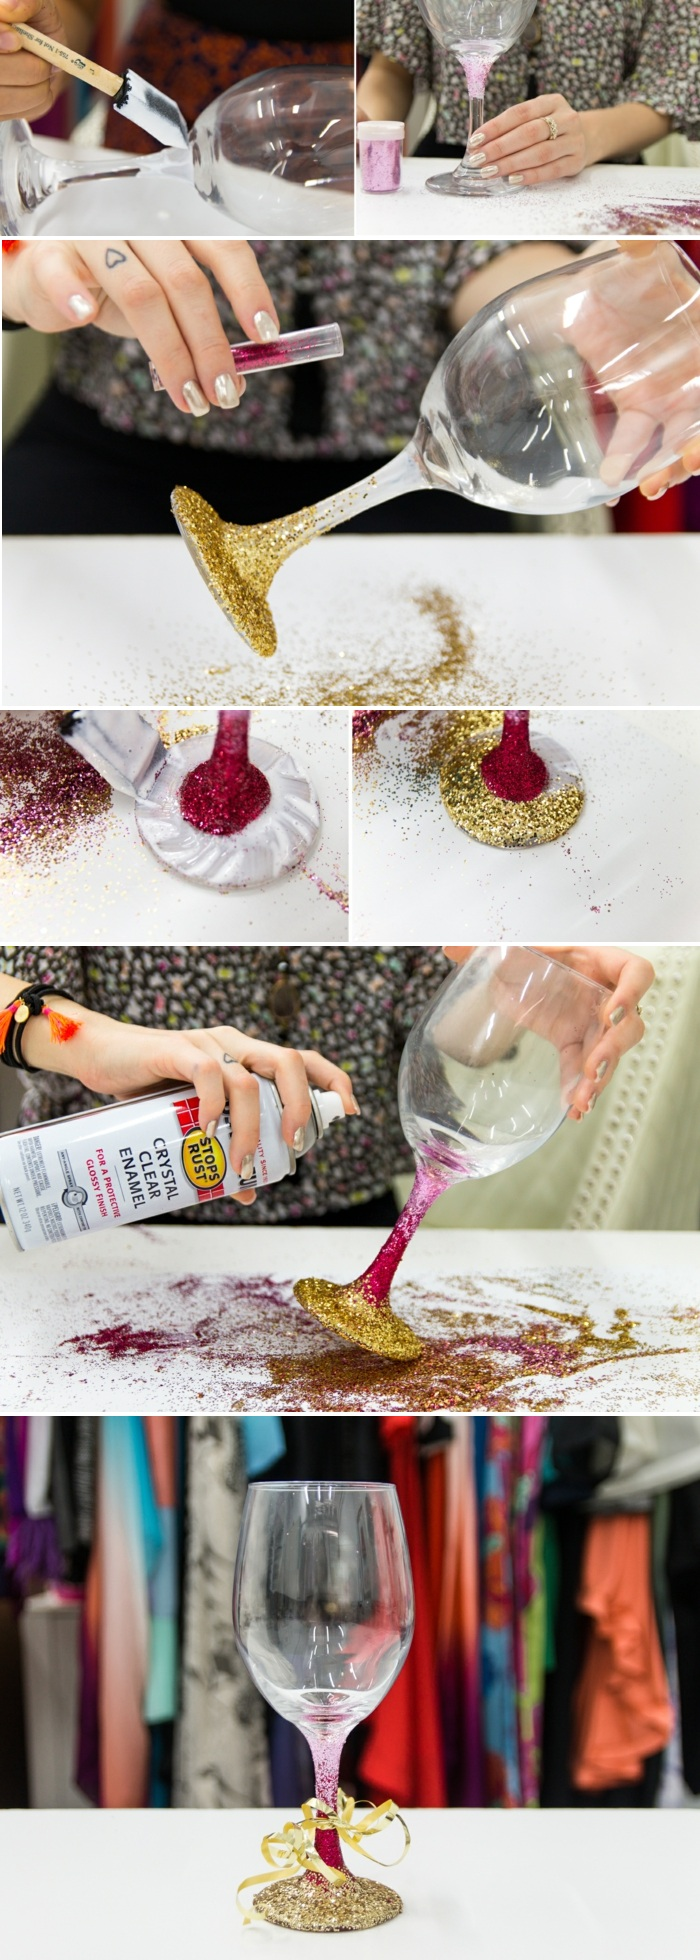 gl C3 A4ser dekorieren stiel mit glitzer verzieren ombre effekt schwammpinsel spray goldene schleife